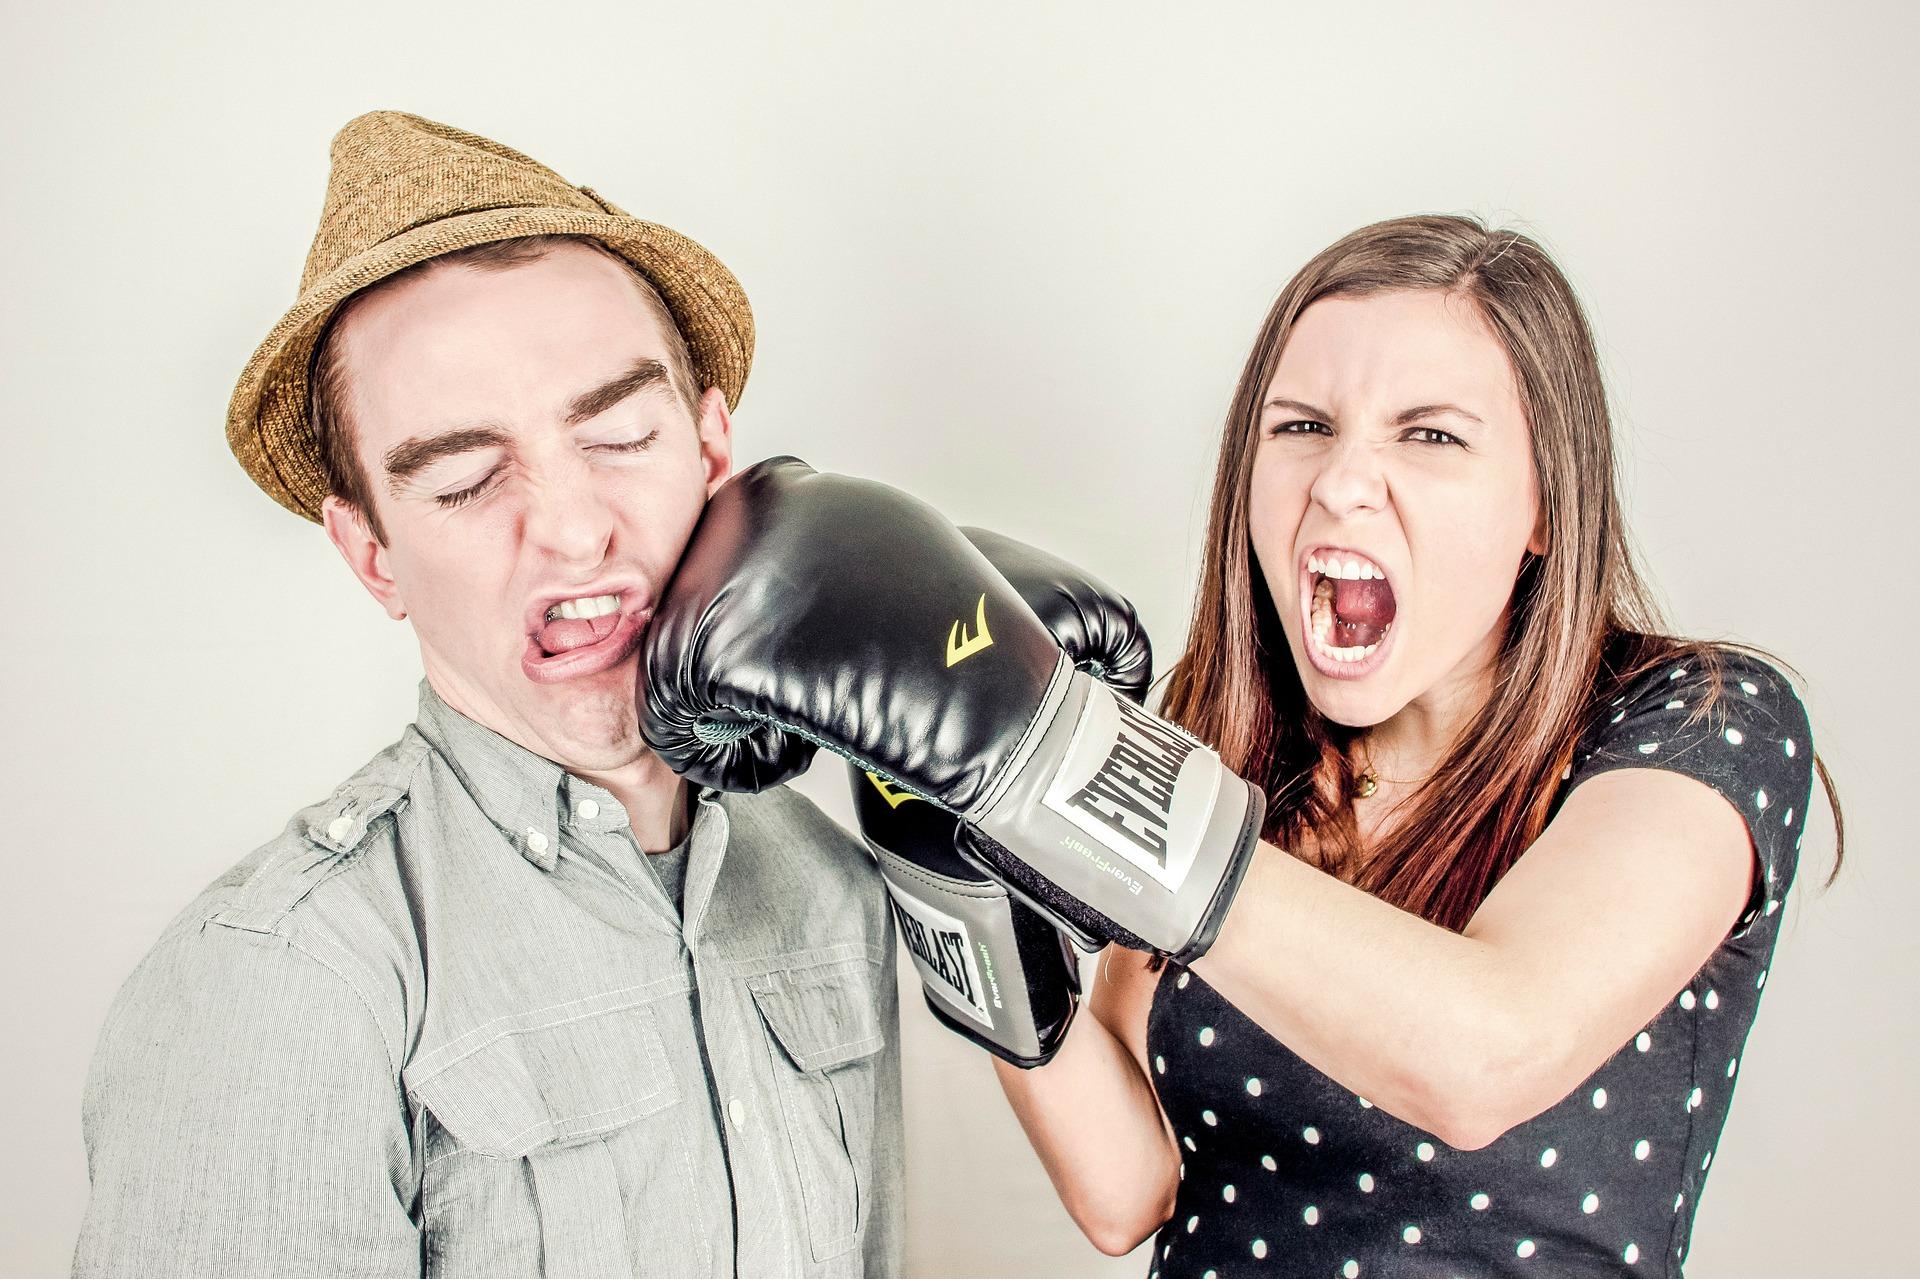 психология конфликтных отношений